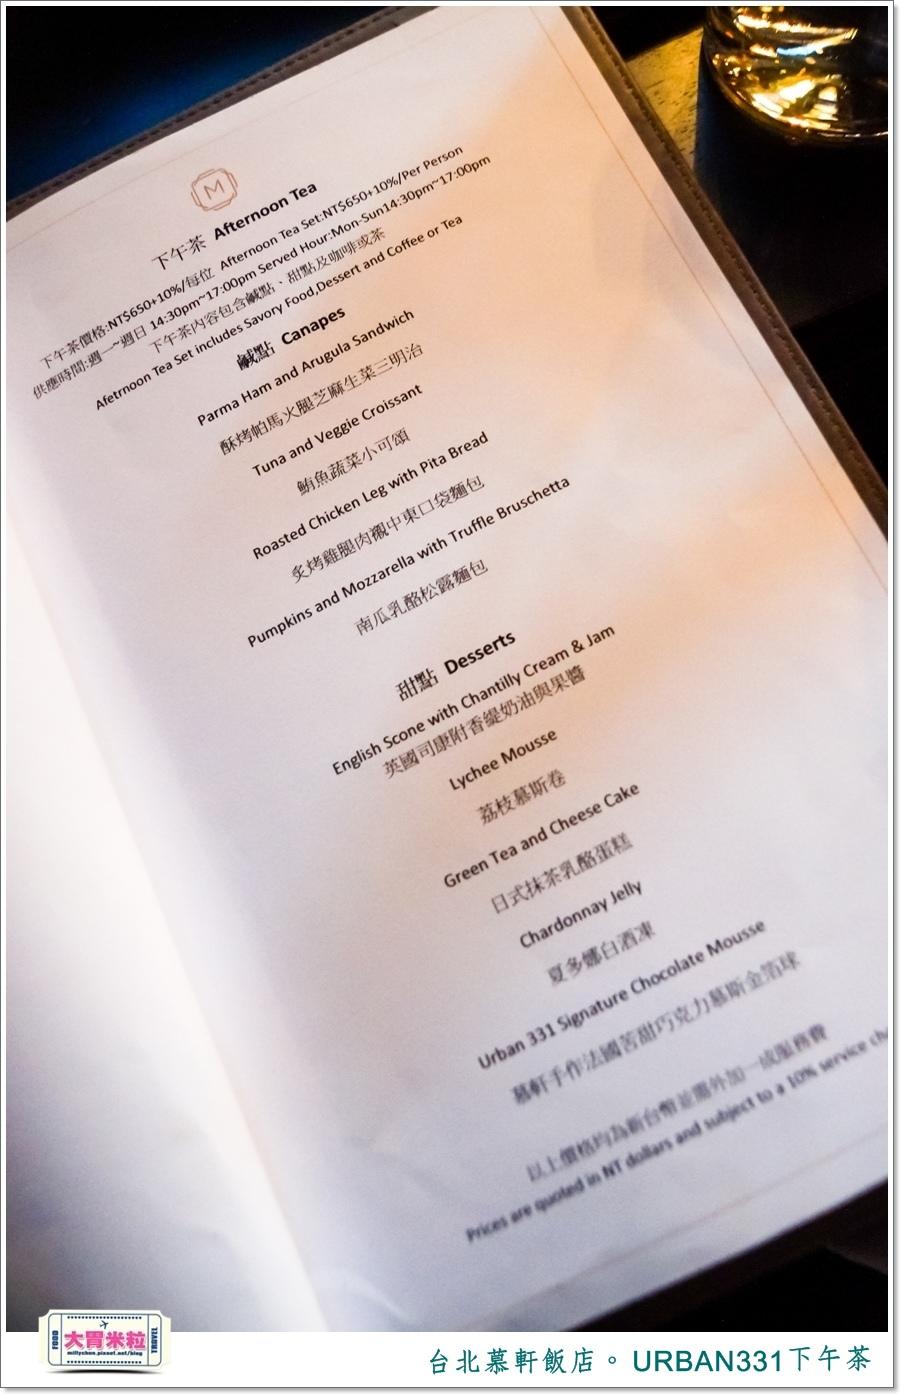 台北慕軒飯店 URBAN331雙層木盒下午茶@大胃米粒0025.jpg